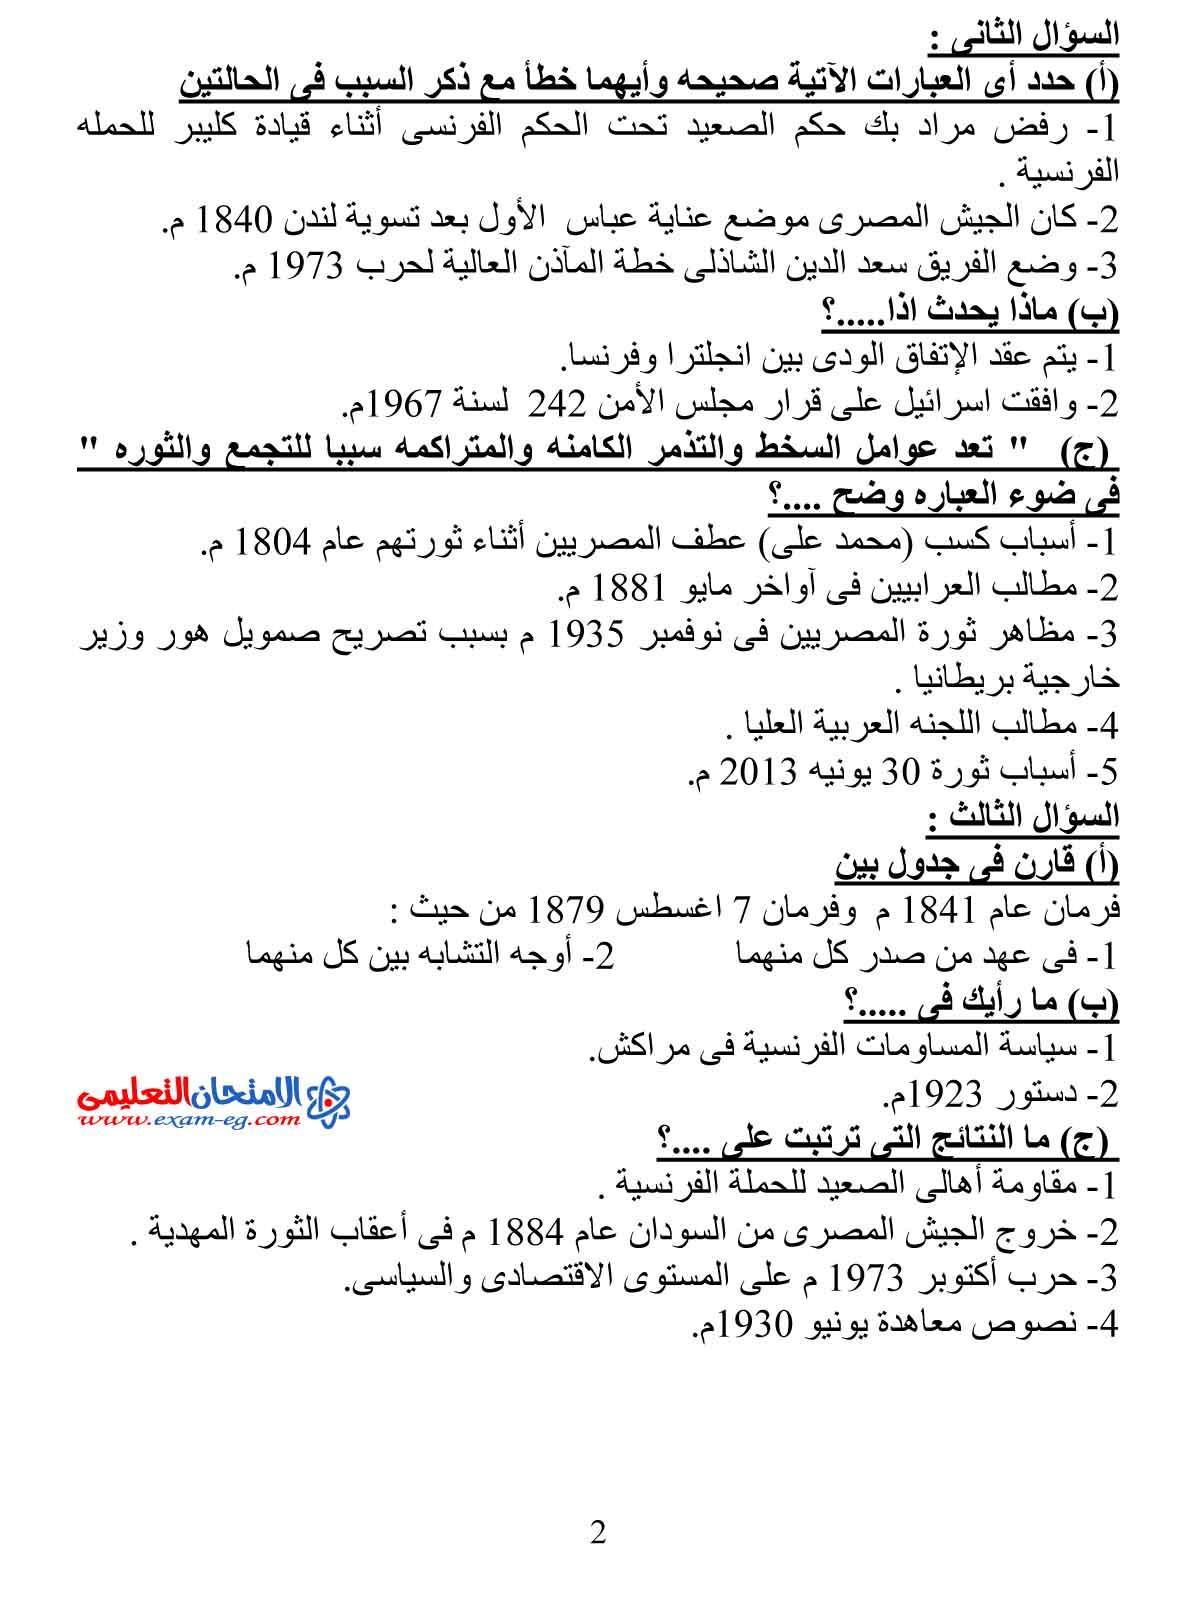 امتحان السودان فى التاريخ 2